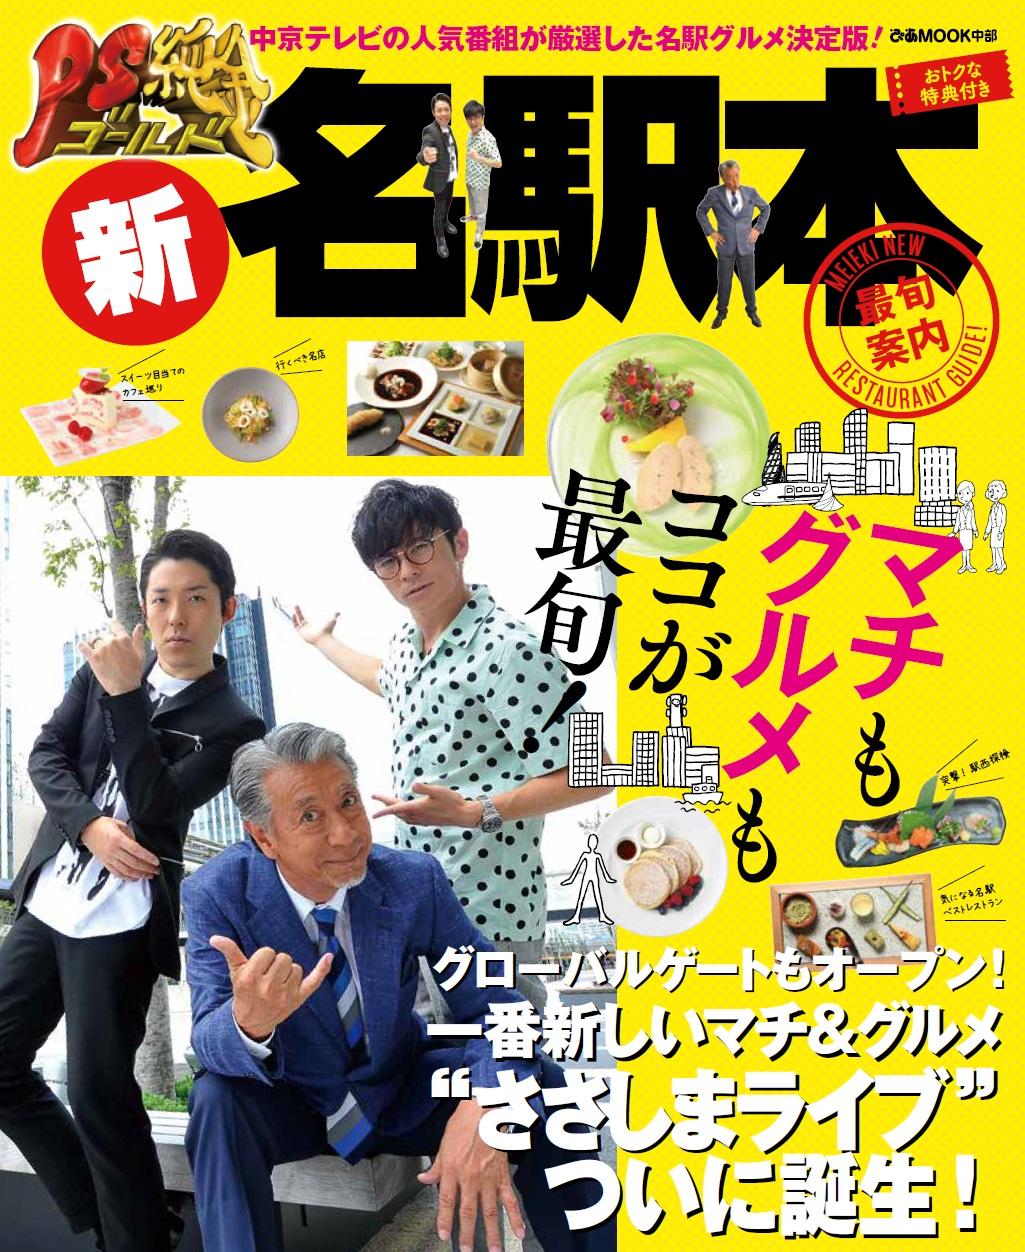 中京テレビの人気番組『PS純金』が名駅のおすすめグルメを紹介!「PS純金 新 名駅本」